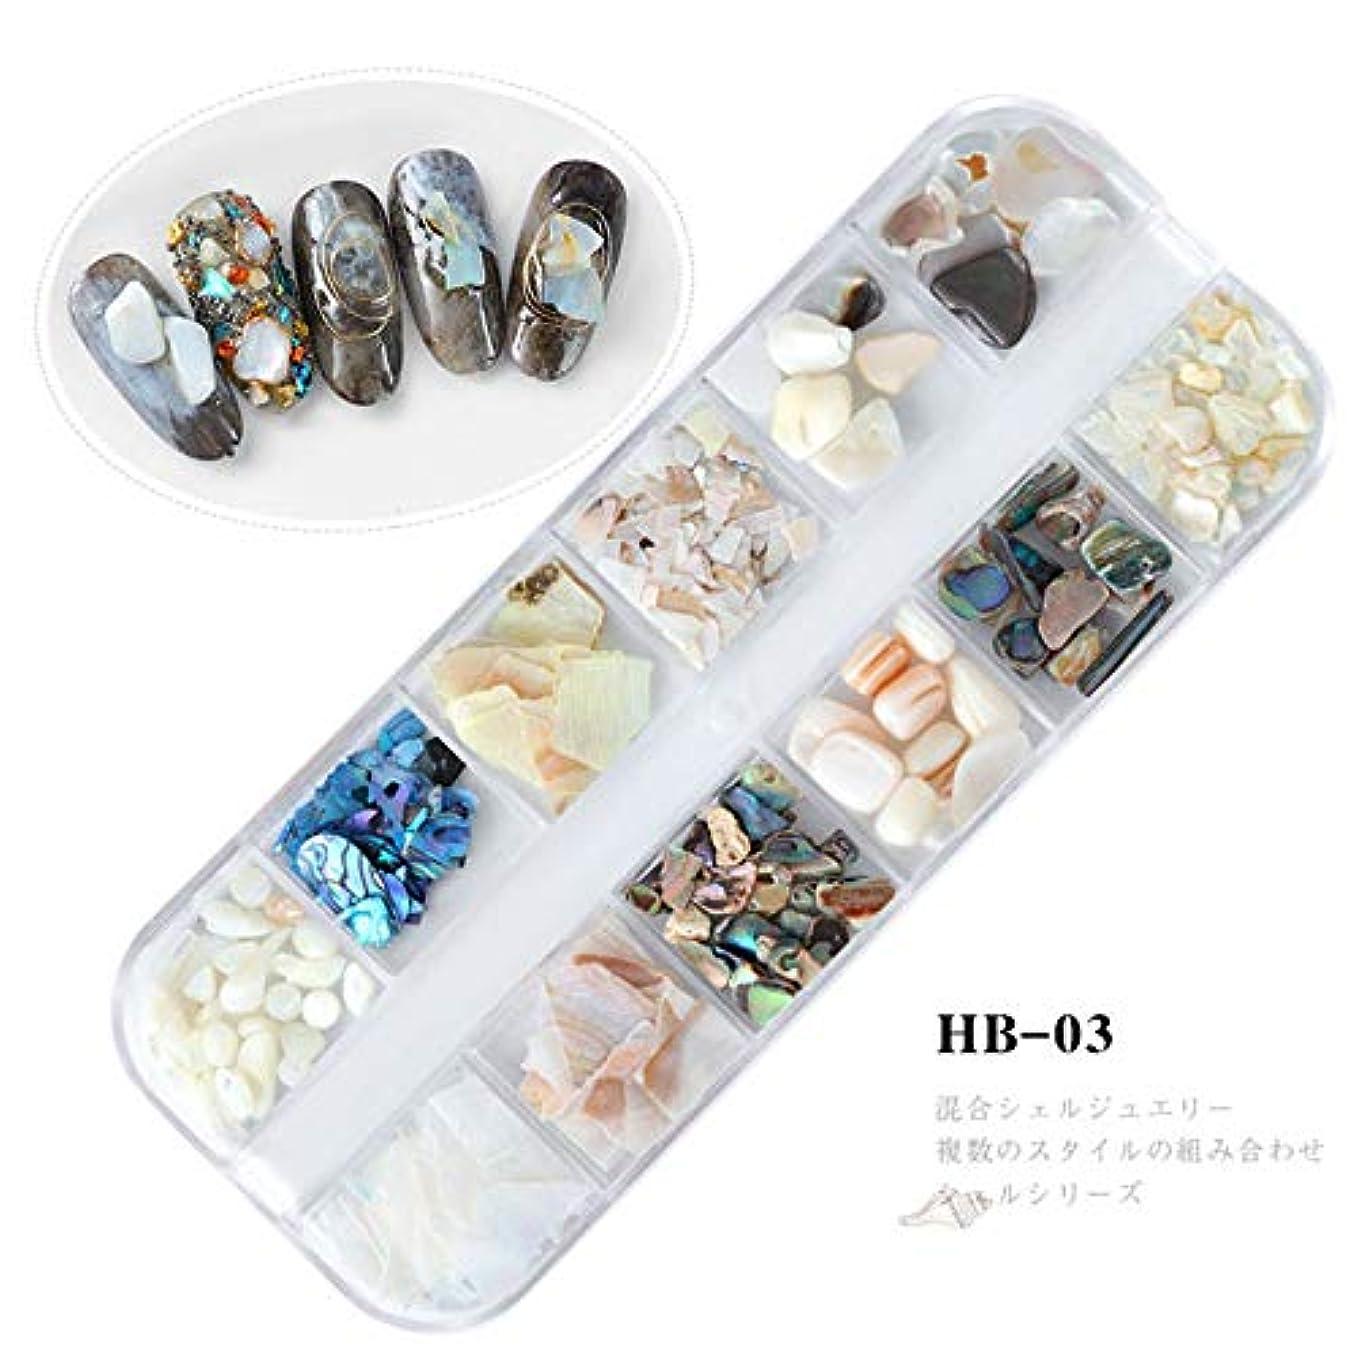 ジョージエリオットアプローチ相対サイズ1箱ミックス自然の海シェルアワビのスライスグラデーション砕石3Dネイルアートの装飾UVジェルデザインマニキュアアクセサリー,3